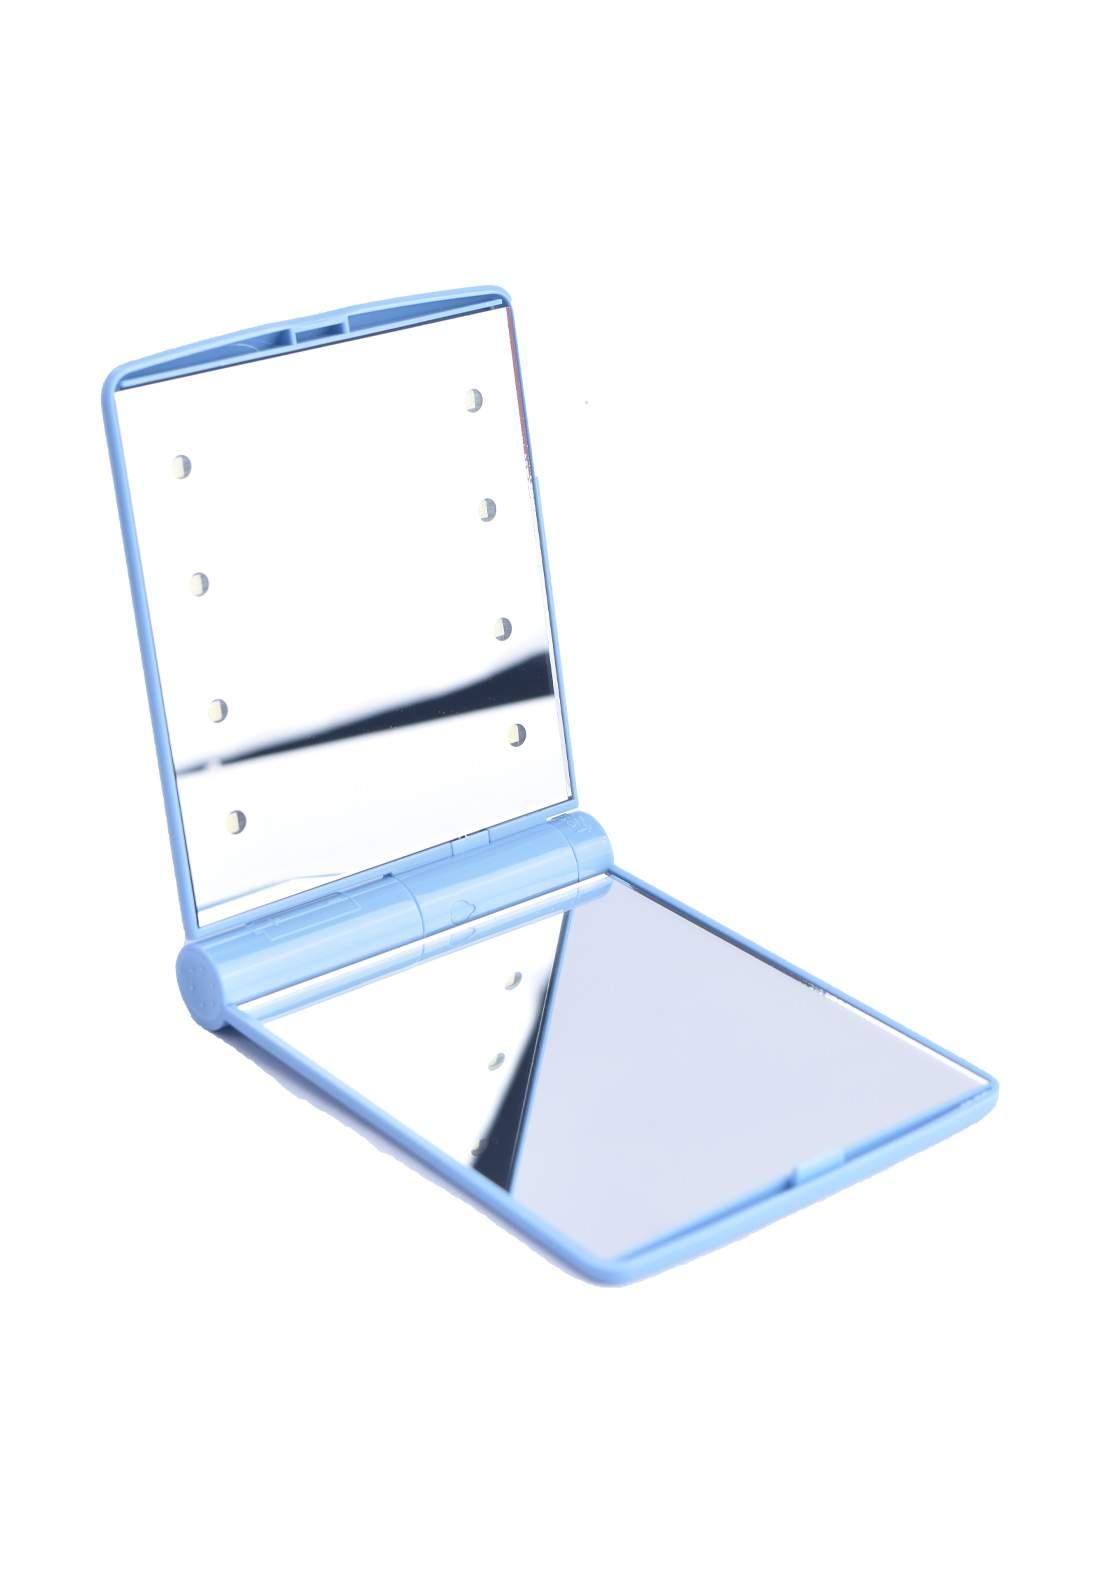 Folding Cosmetic Mirror  With Led مرآة مستطيلة مع انارة ضوئية